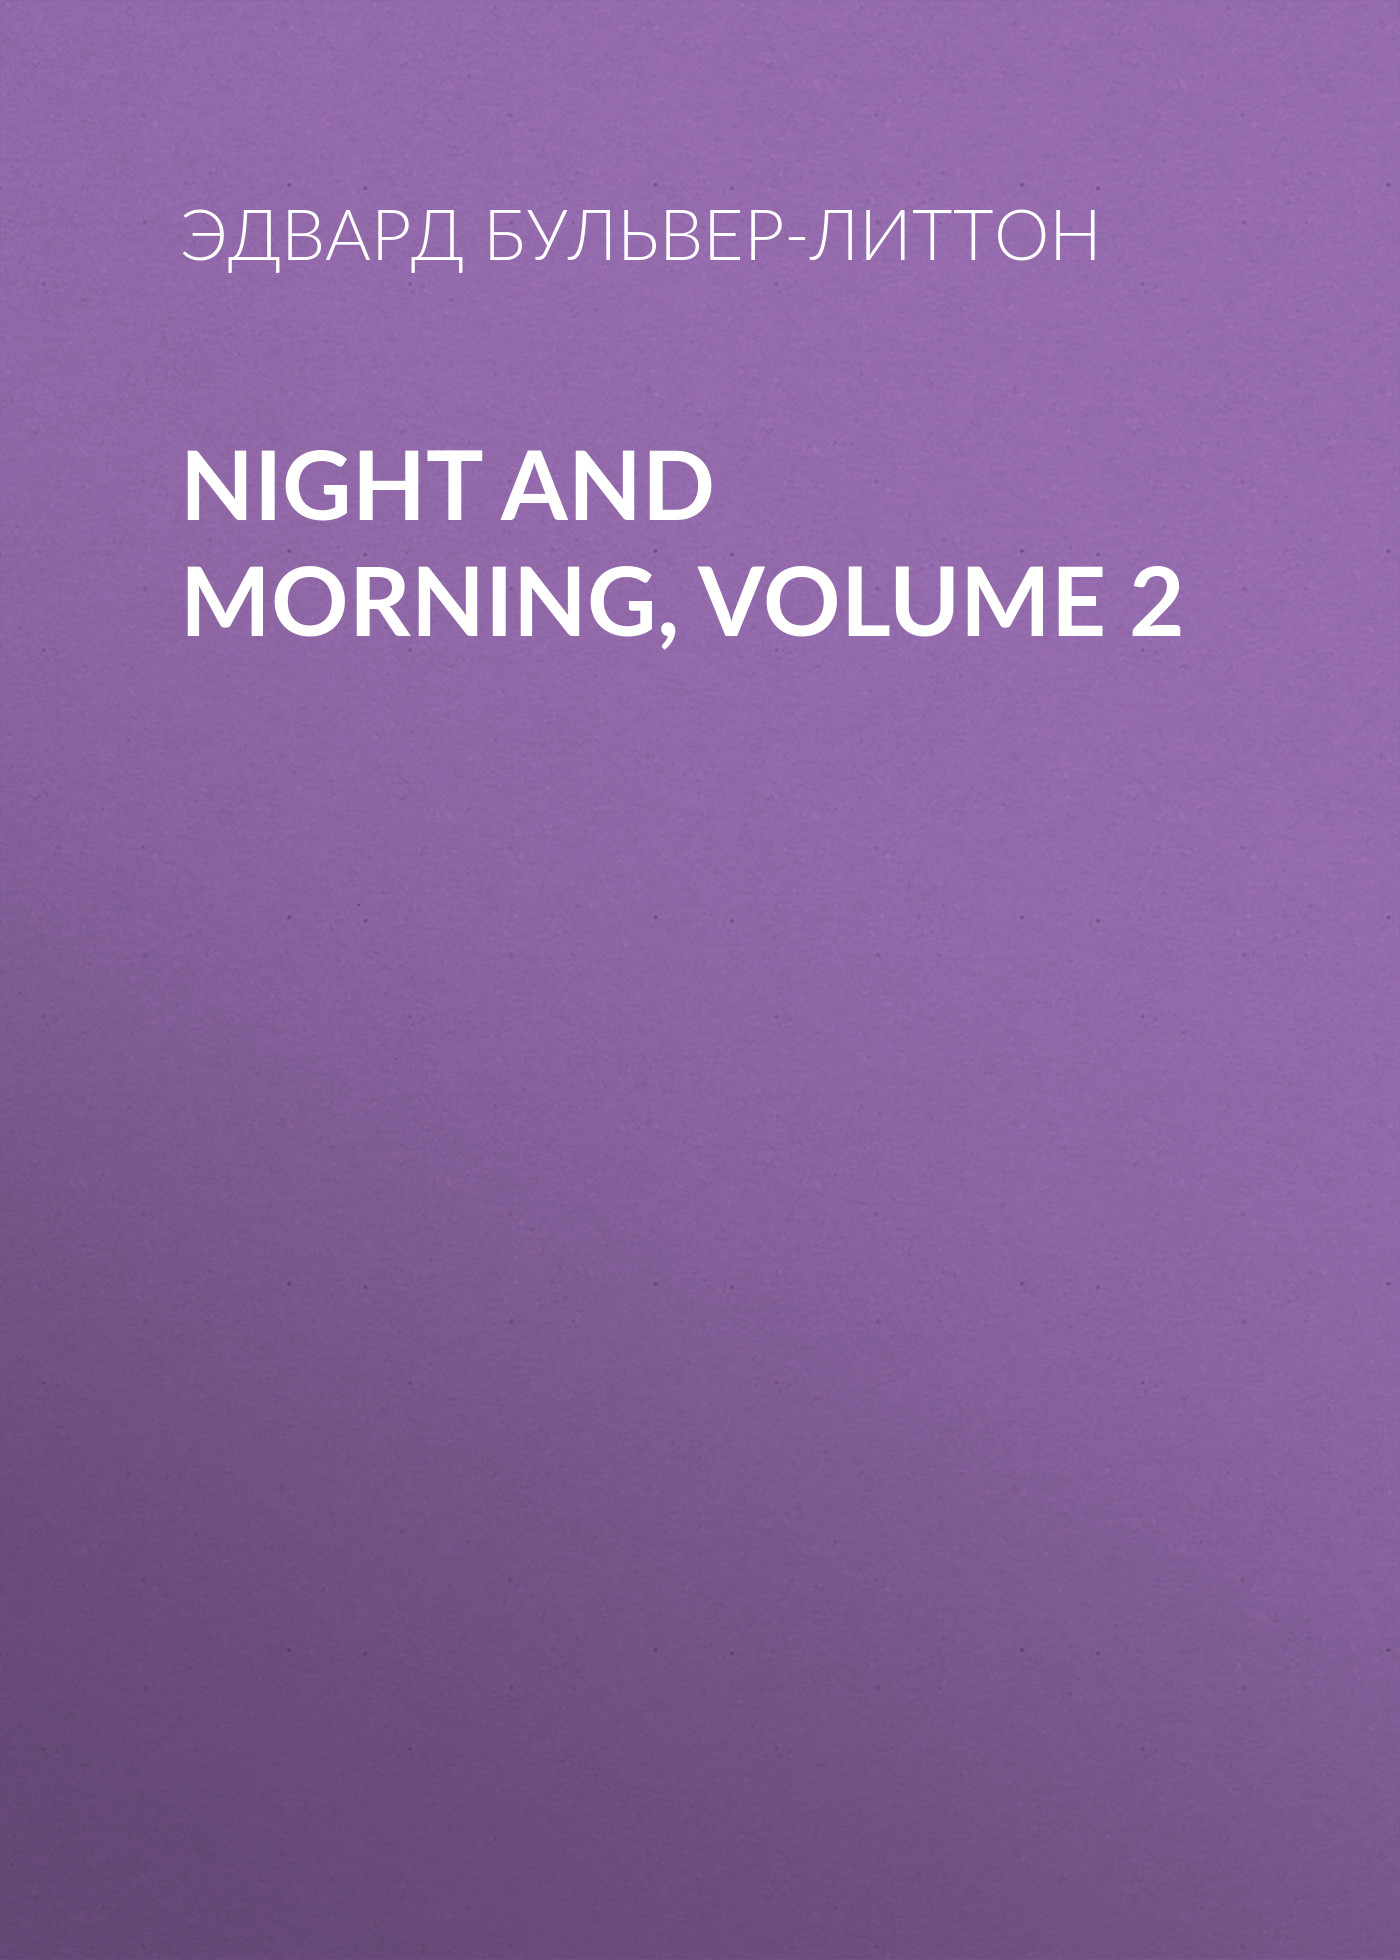 где купить Эдвард Бульвер-Литтон Night and Morning, Volume 2 дешево